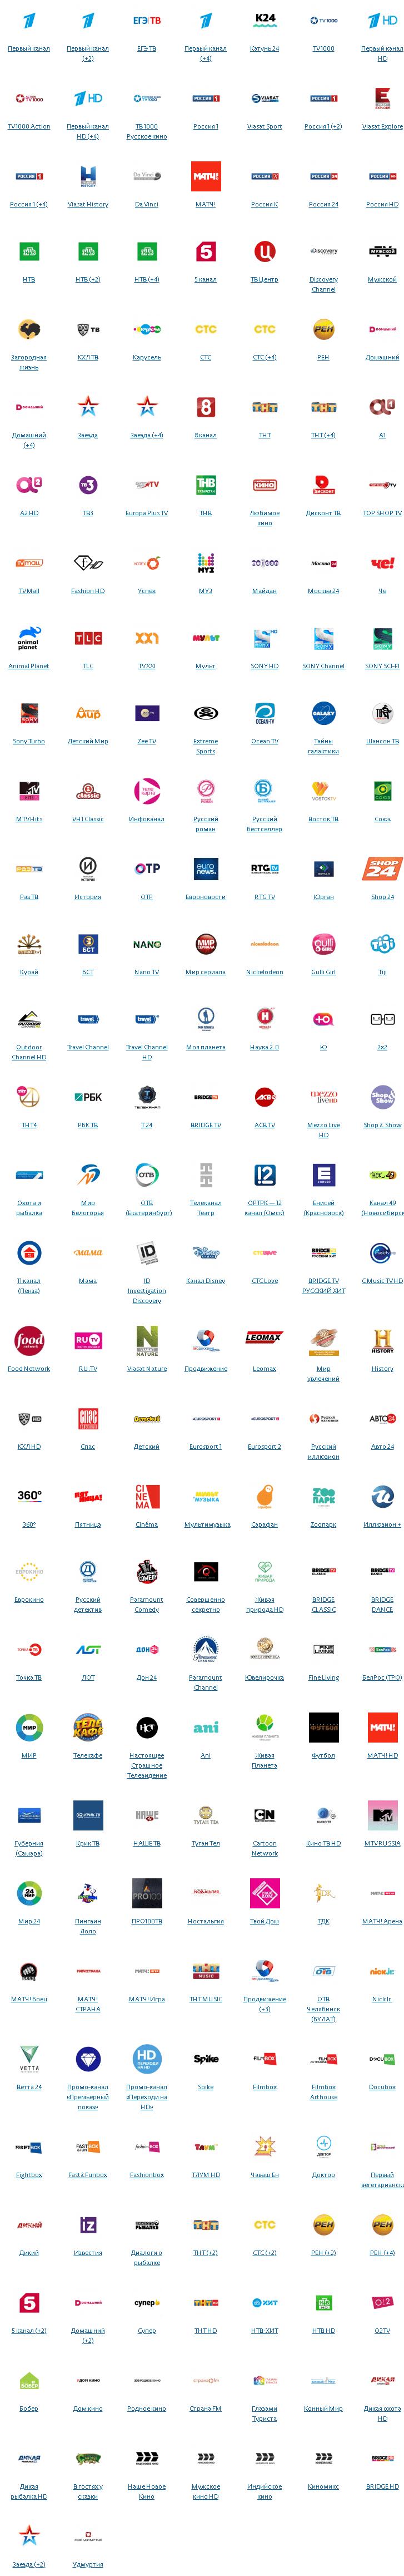 Все телеканалы пакета Премьер